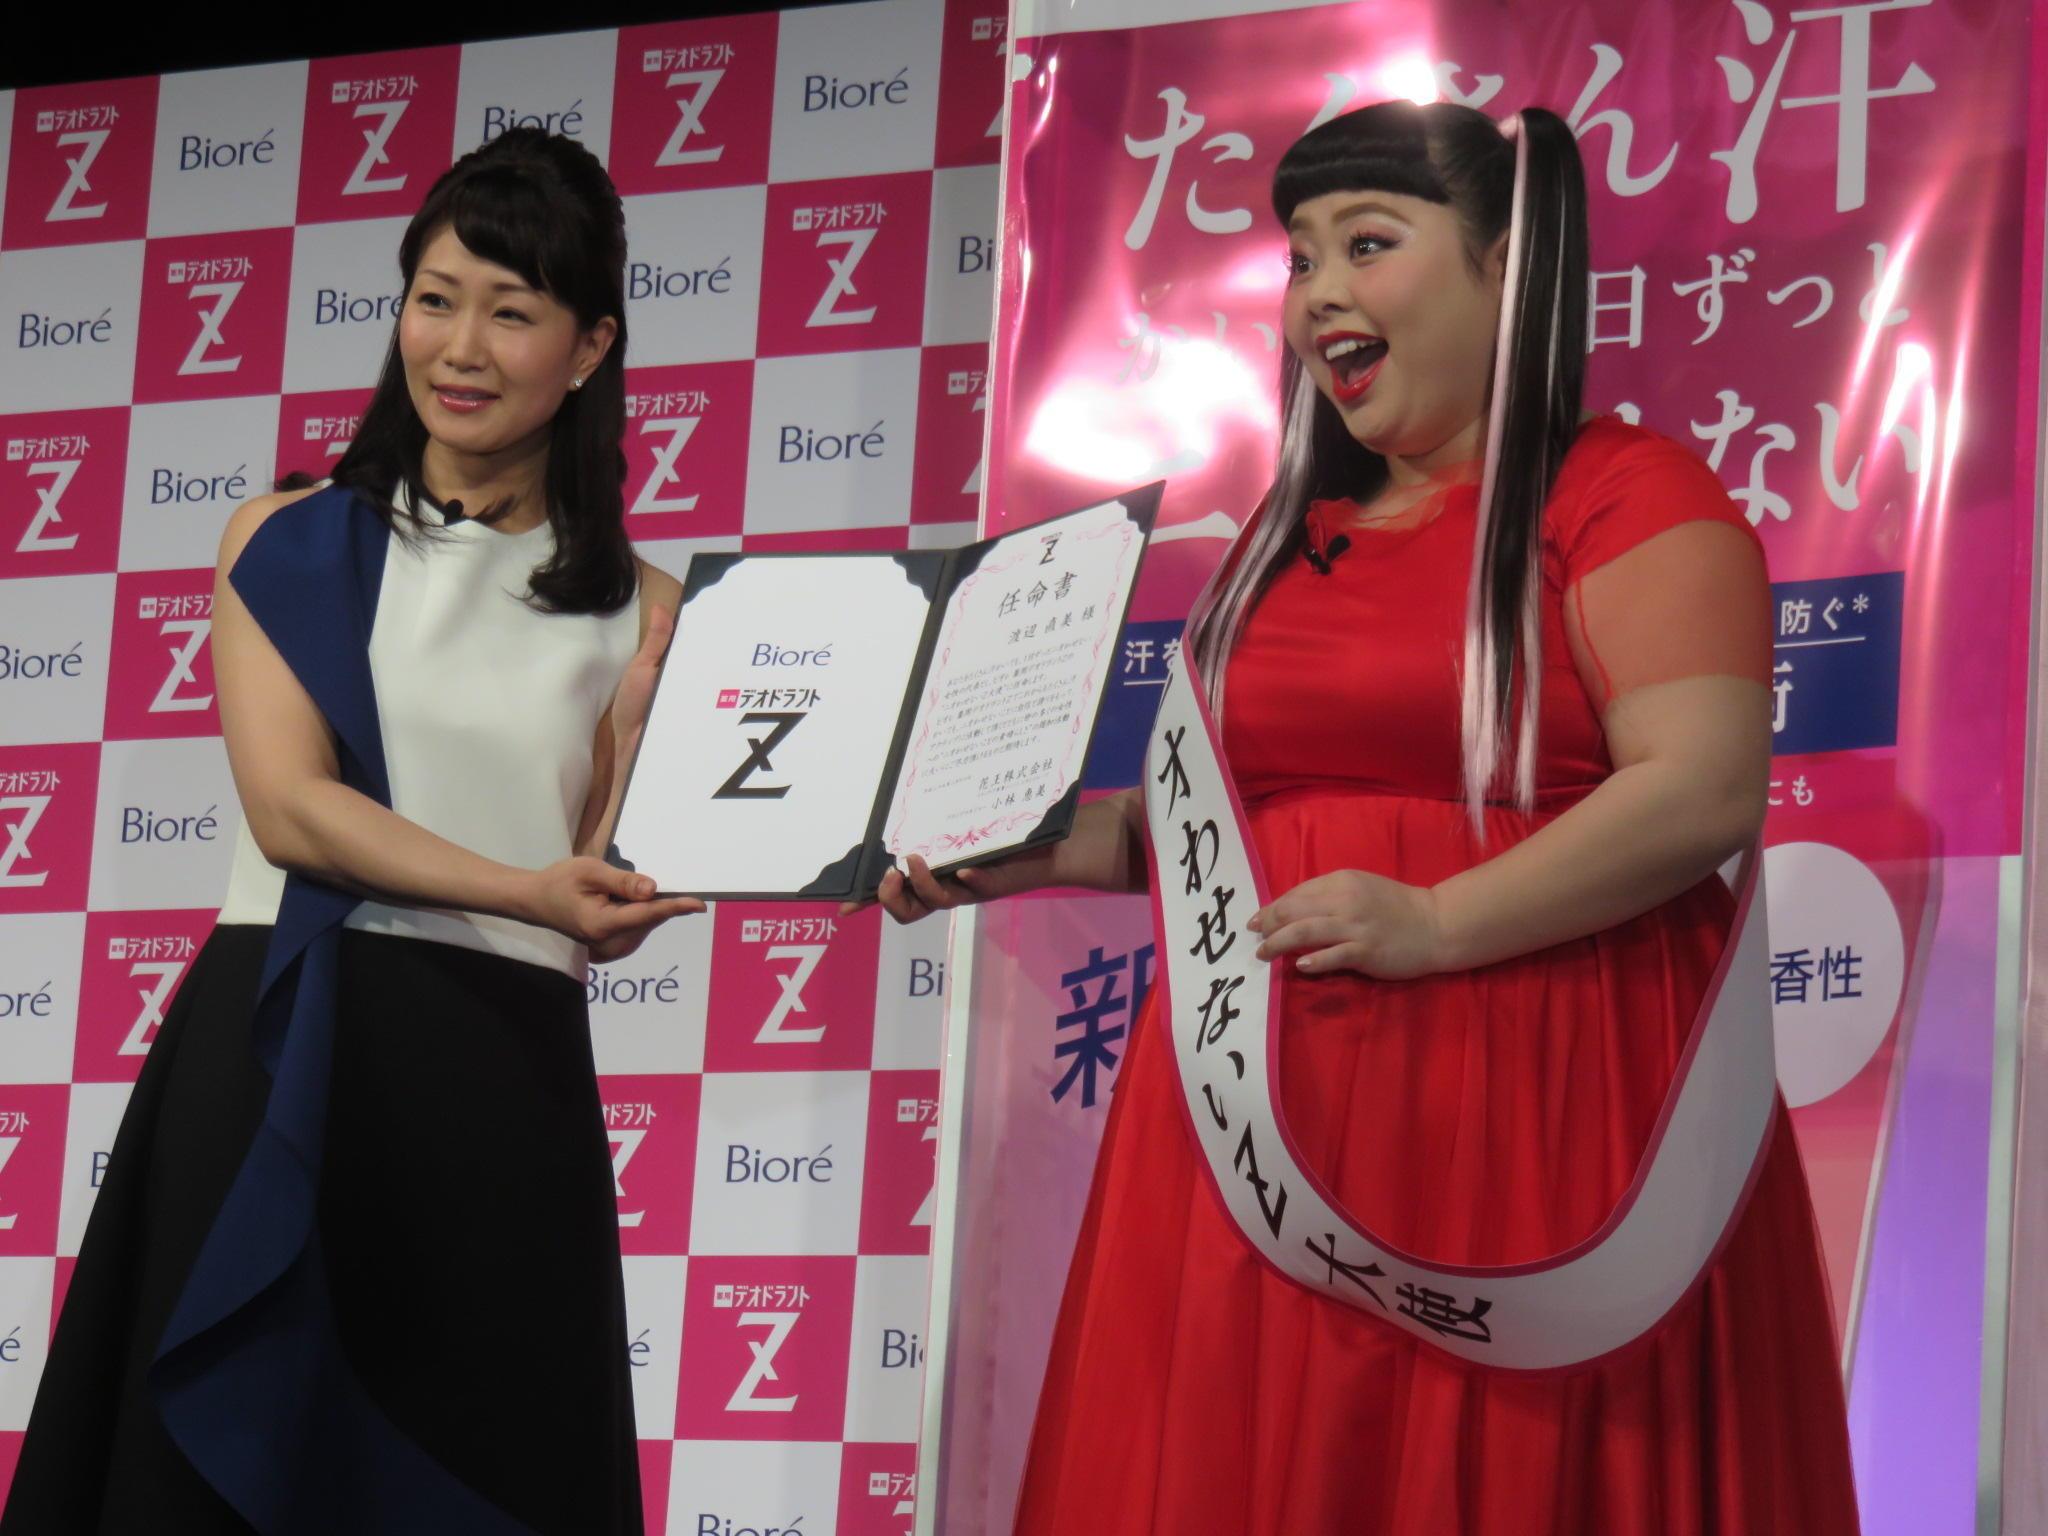 http://news.yoshimoto.co.jp/20170216183224-9a0d81bbcdd66ebca408c0dcc9b0822f7c25c001.jpg